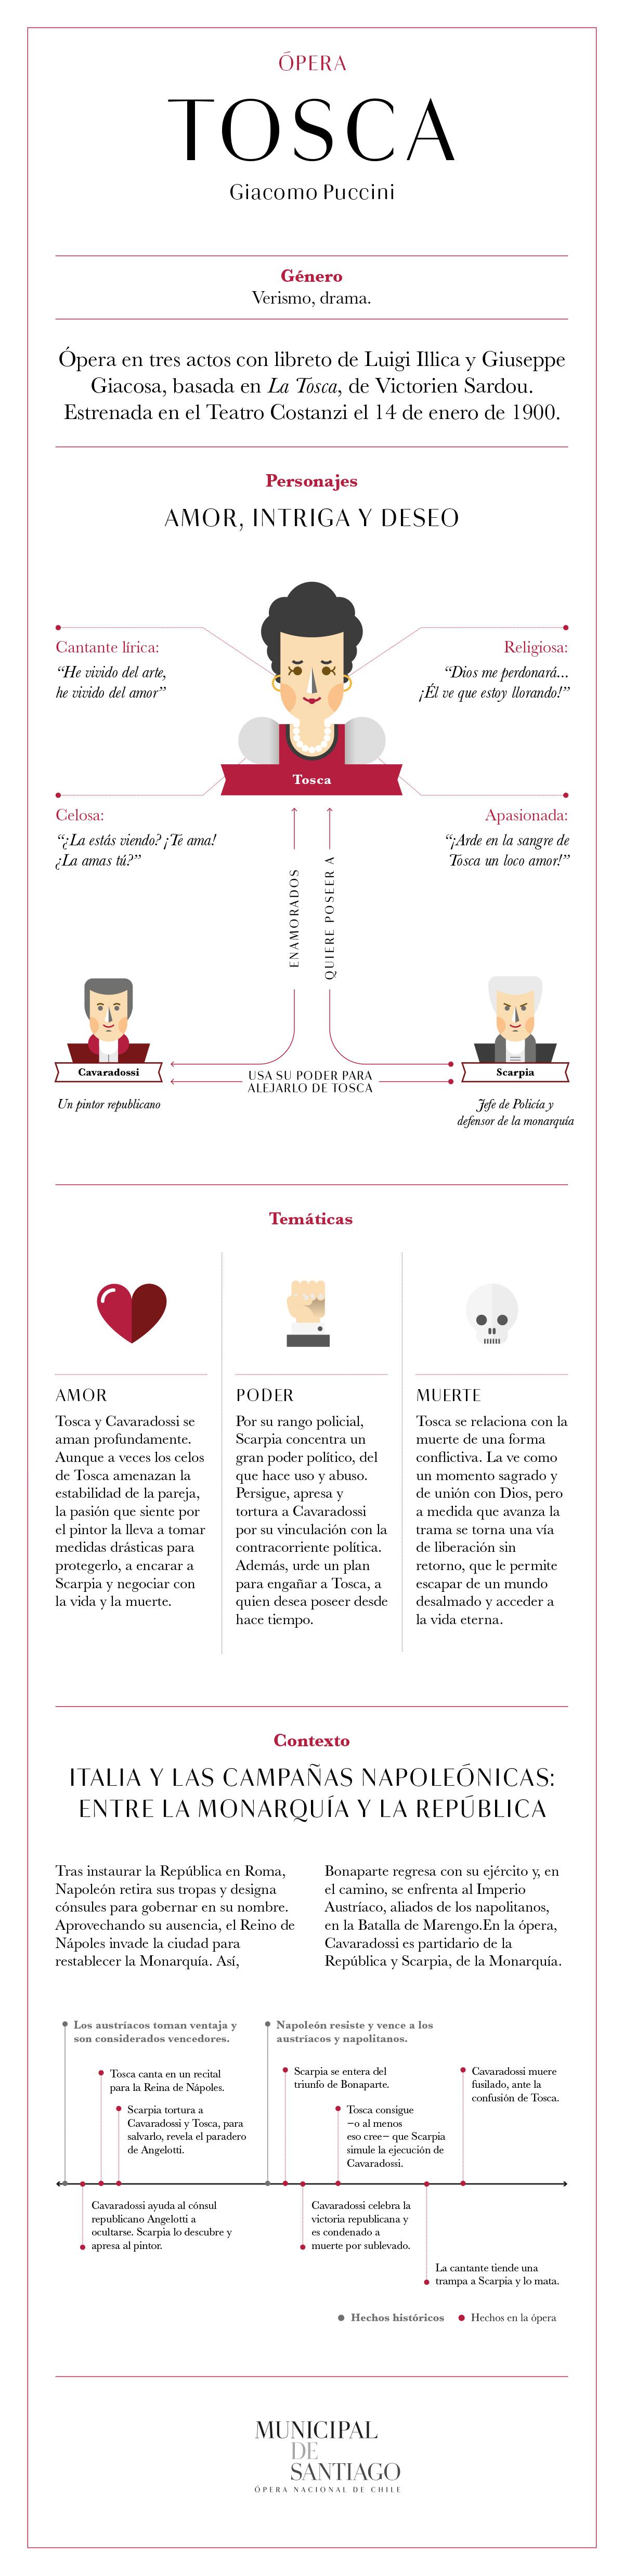 Infografía Ópera Tosca Municipal de Santiago